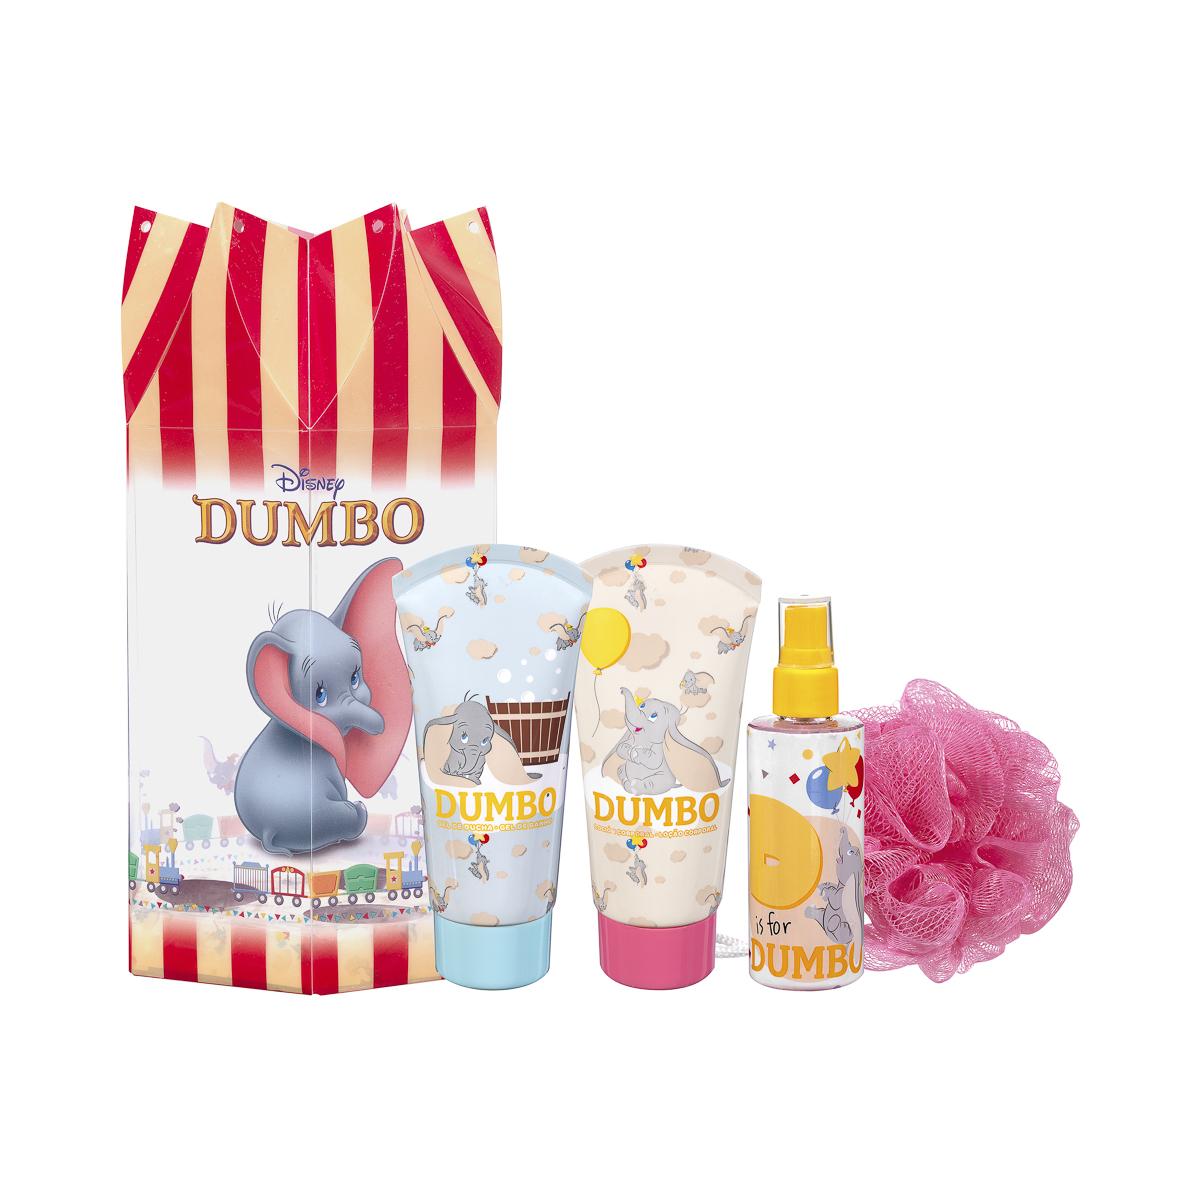 Fotografía producto, lote Dumbo Disney